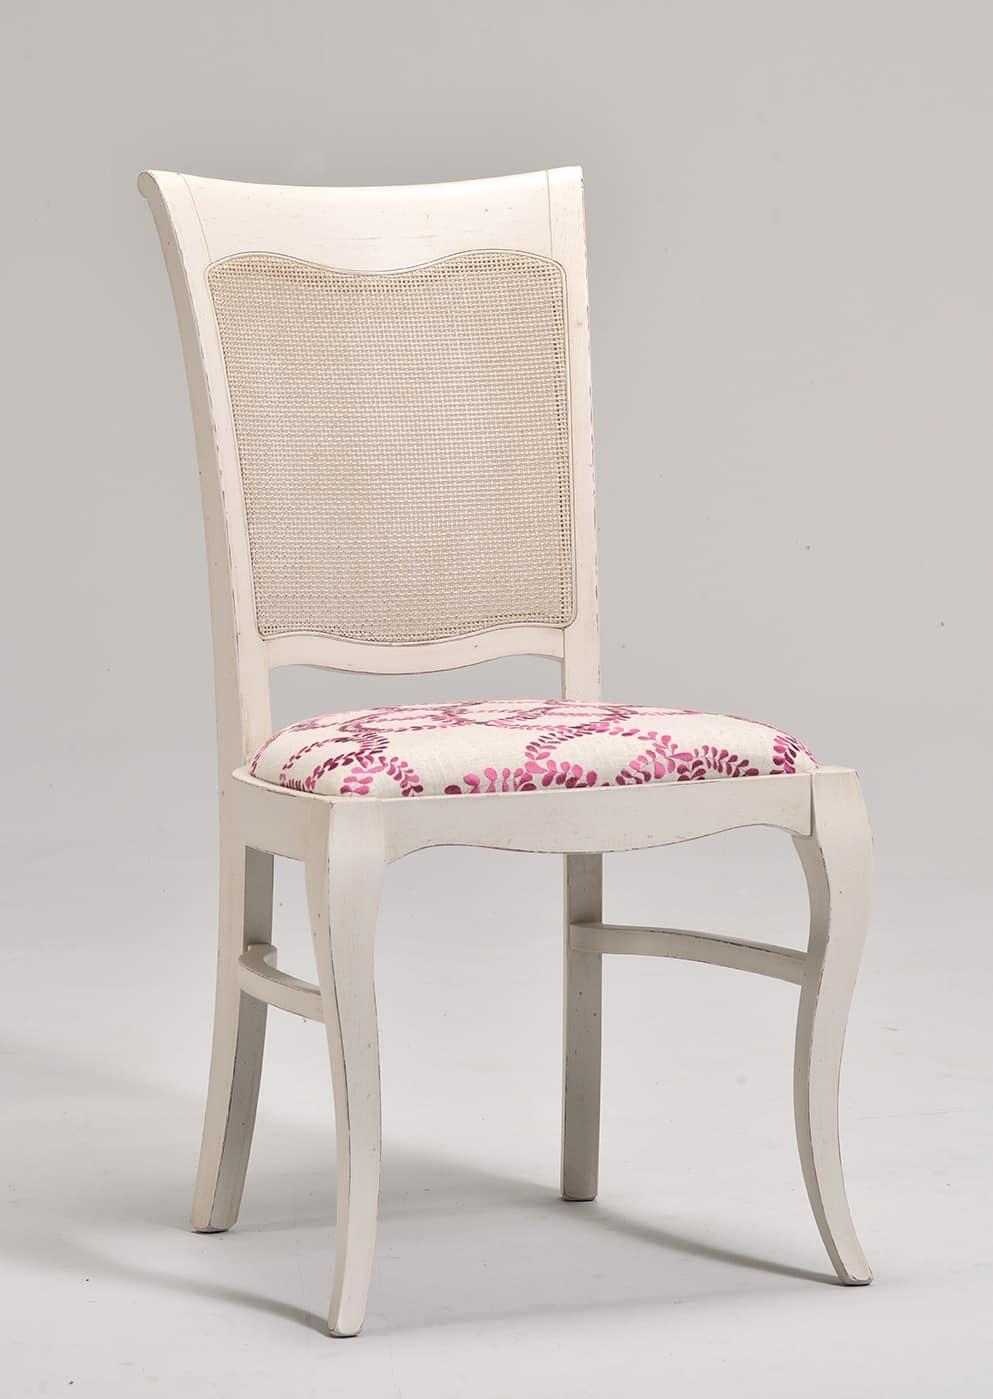 MILUNA sedia 8127S, Sedia in stile classico con sedile e schienale imbottiti